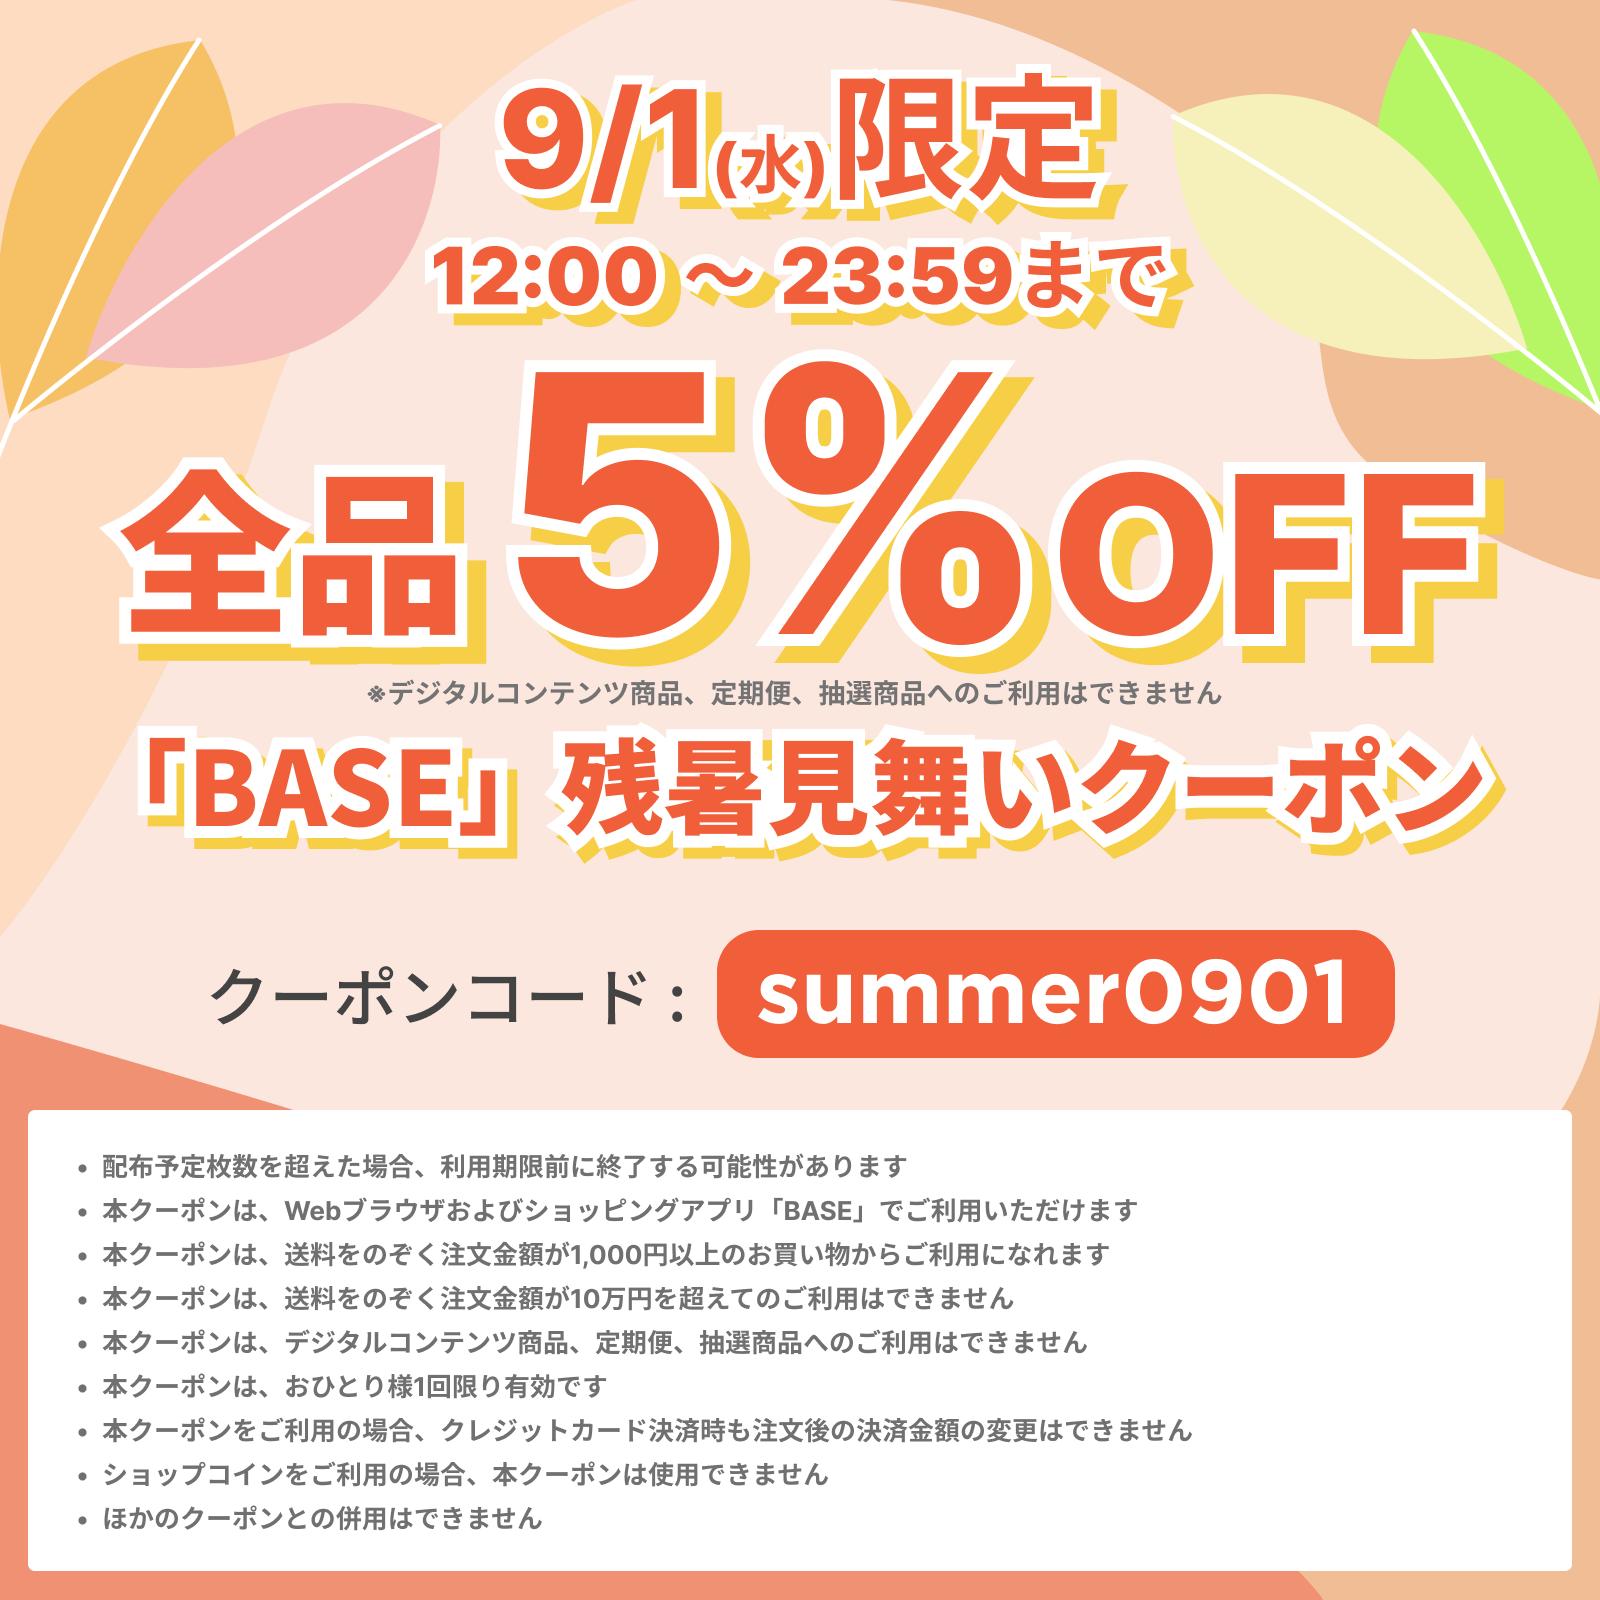 【9/1 12:00~23:59 12時間限定】「BASE」残暑見舞いクーポンキャンペーン!